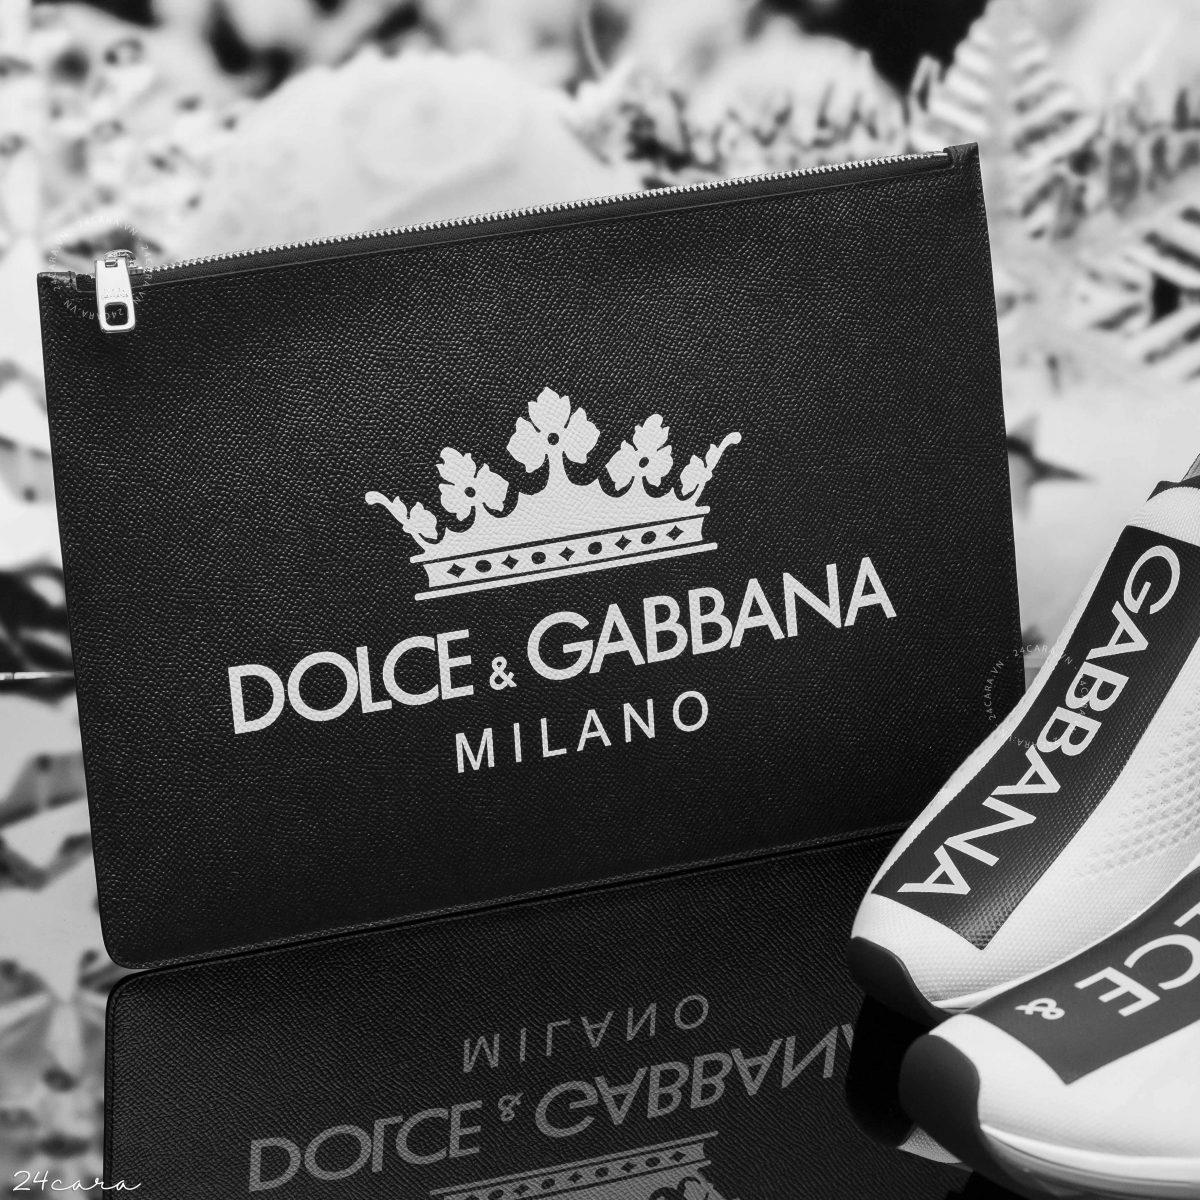 Cách phân biệt ví dolce & gabbana nam authentic và fake